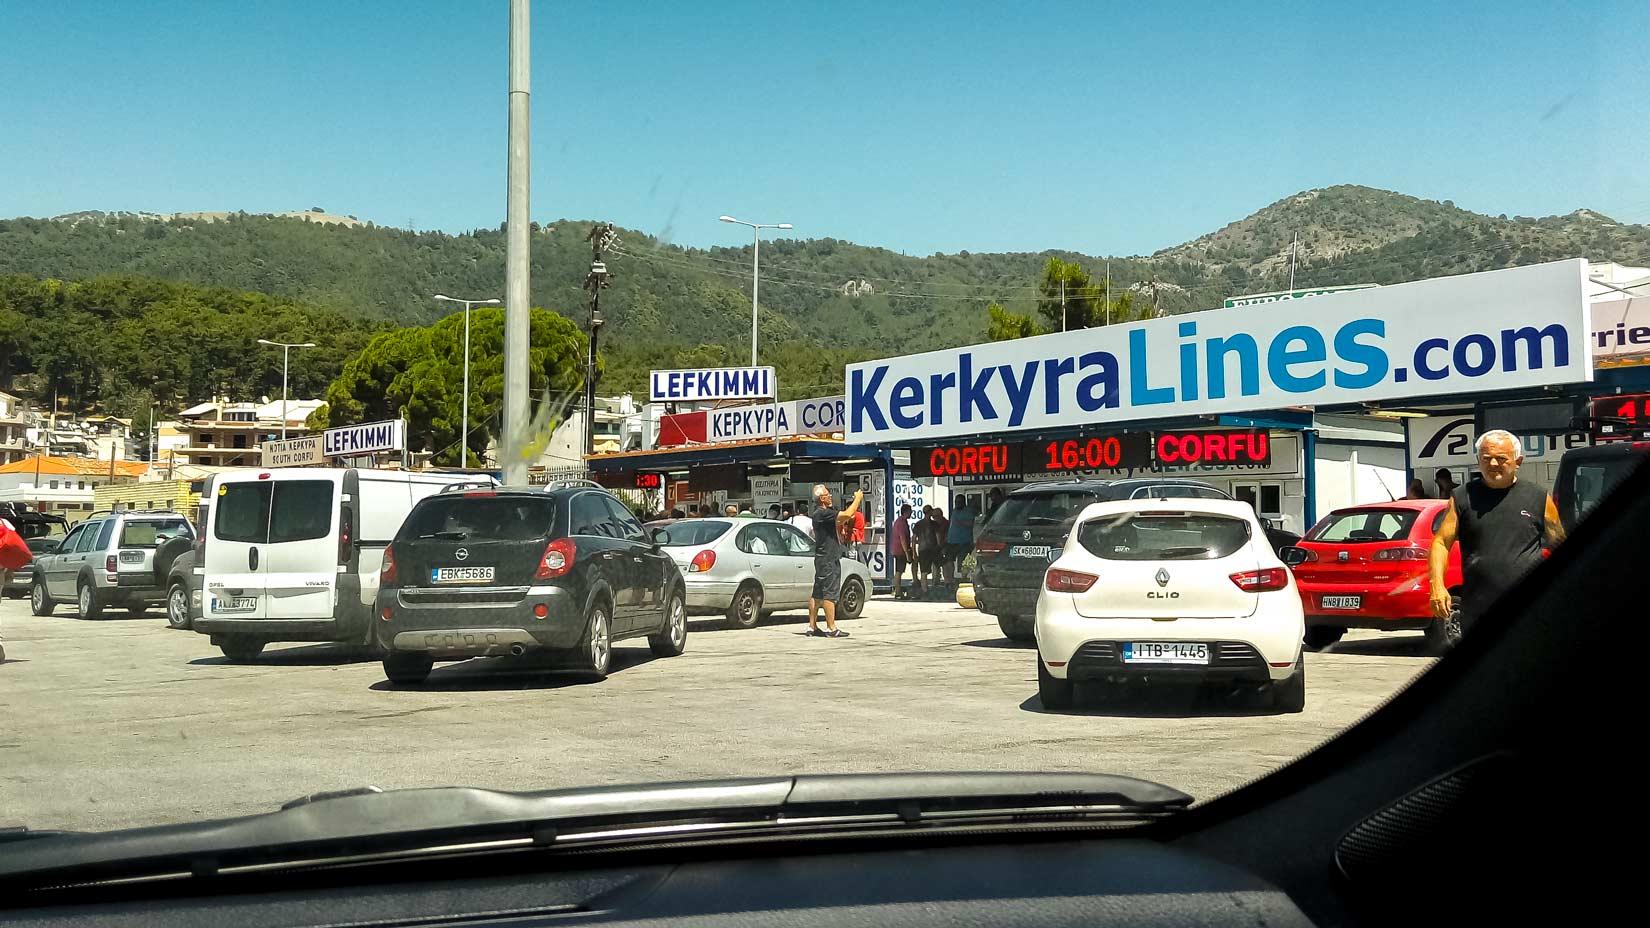 Projedete hlavním terminálem přístavu u kruháče, dáte se doprava a za chvíli se můžete vmáčknout mezi ostatní zájemce o plavbu do Levkímmi. Nebo Kerkyry.